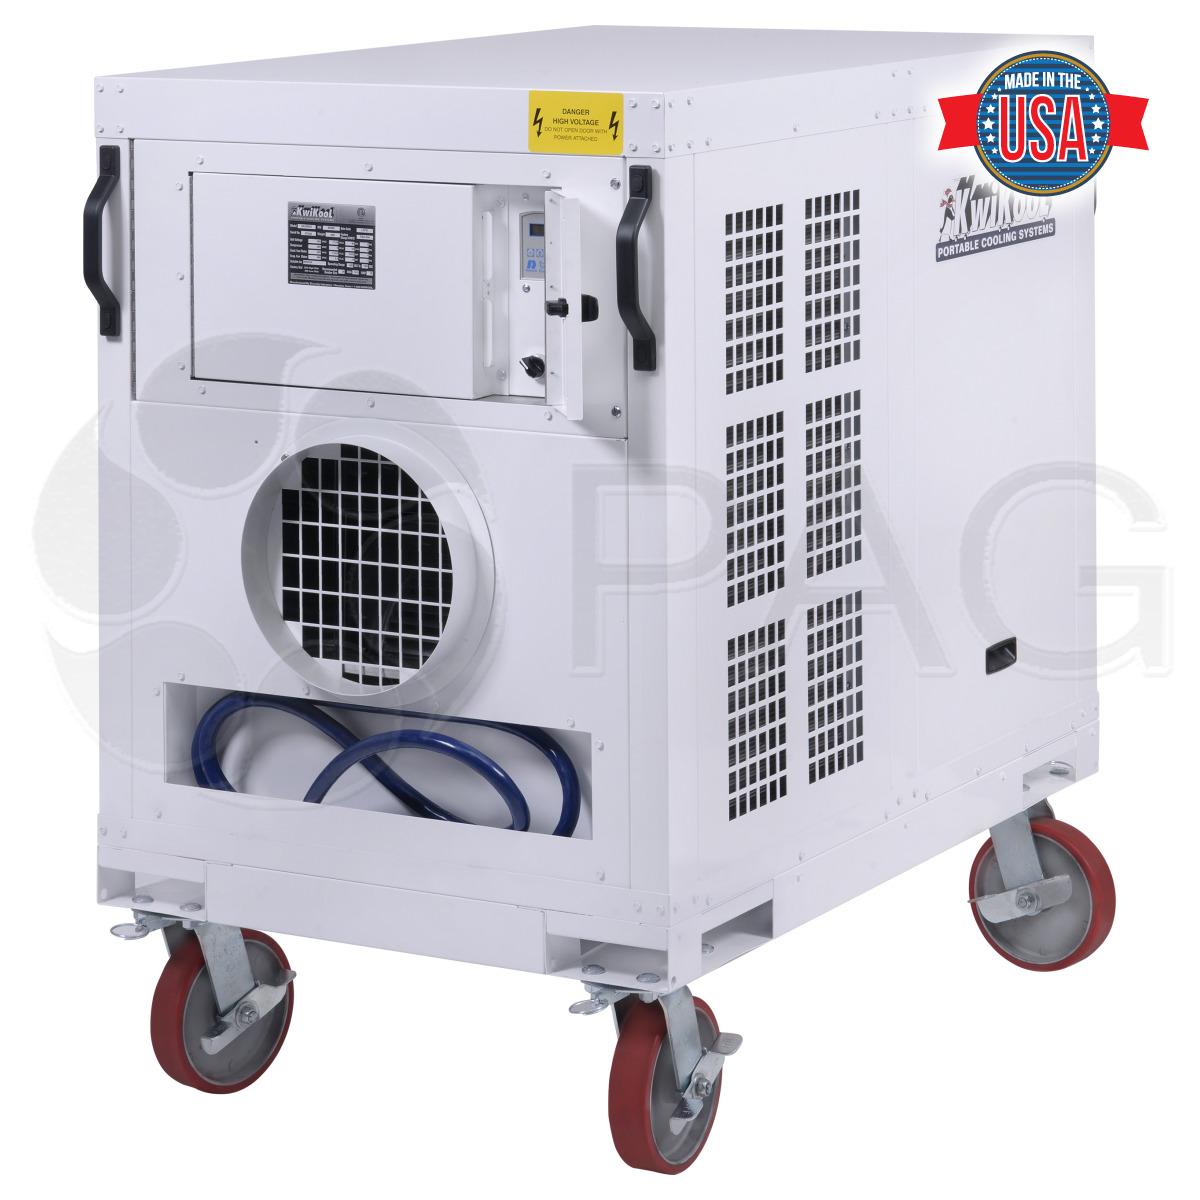 KwiKool KPO5-21 indoor/outdoor portable air conditioner